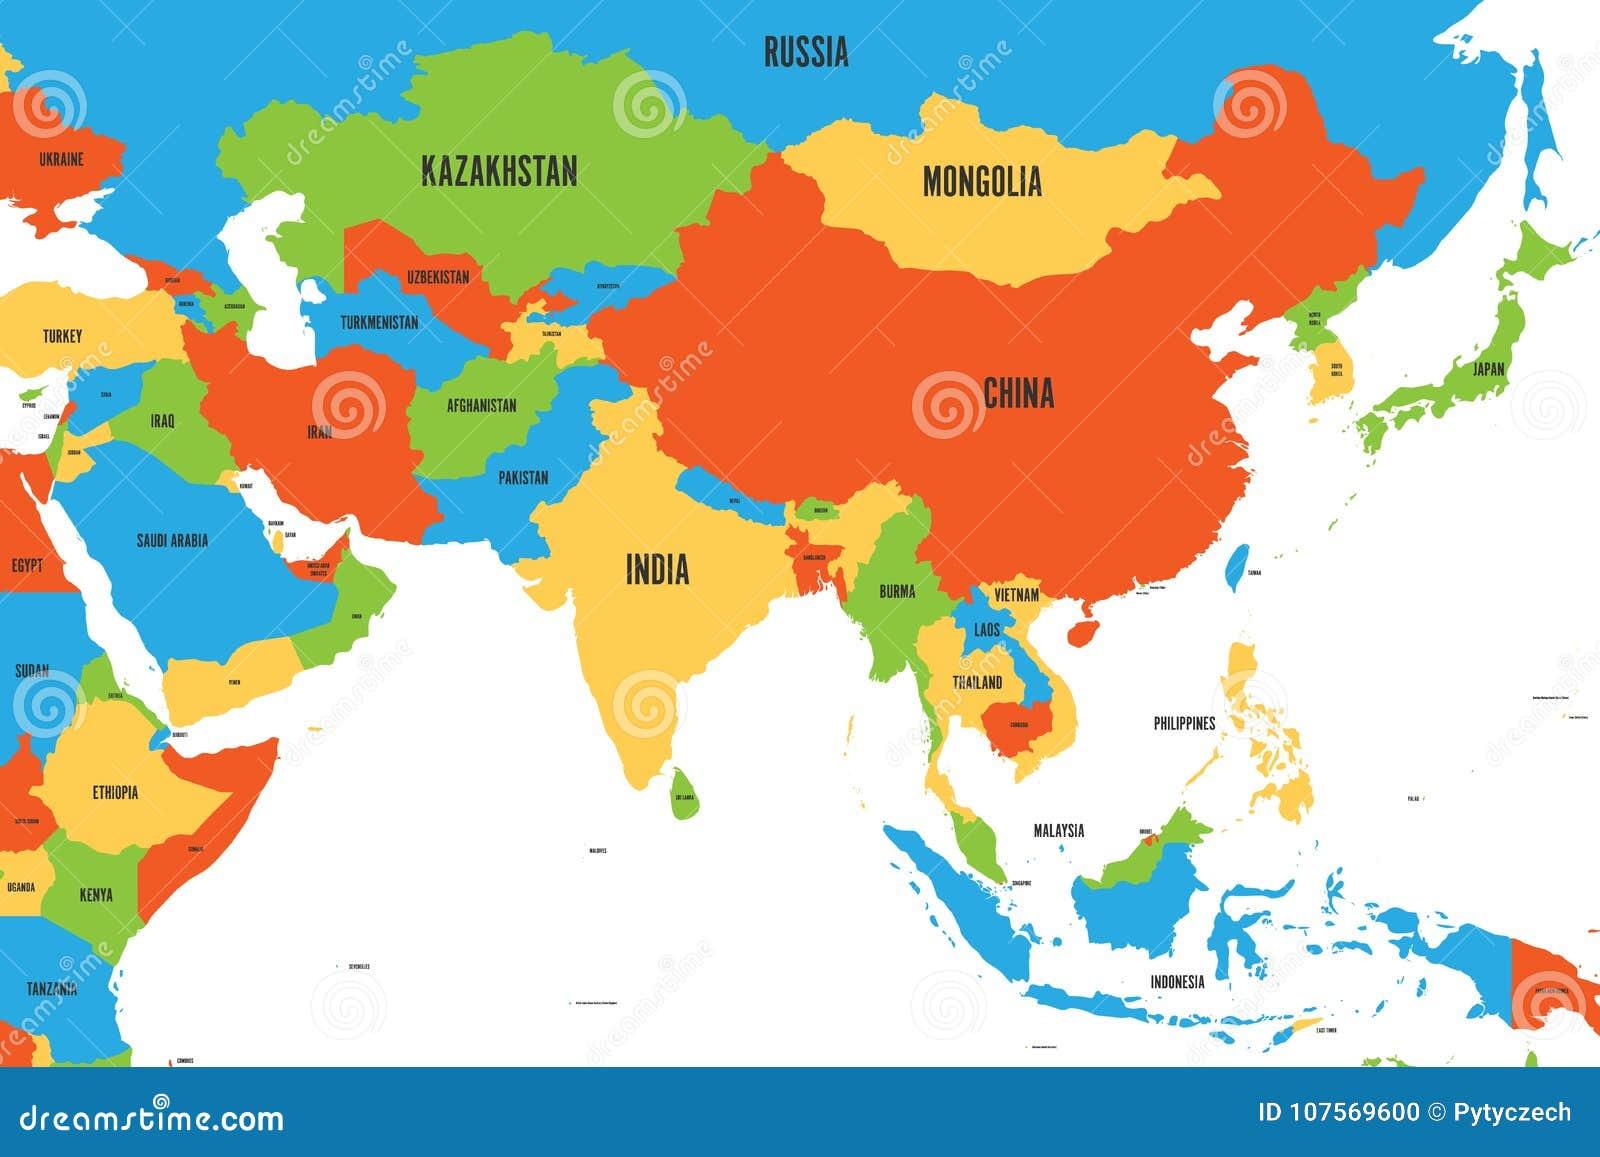 Cartina Dell Asia Orientale.Mappa Politica Variopinta Di Occidentale Di Del Sud E L Asia Orientale Illustrazione Piana Semplice Di Vettore Illustrazione Vettoriale Illustrazione Di Korea Internazionale 107569600